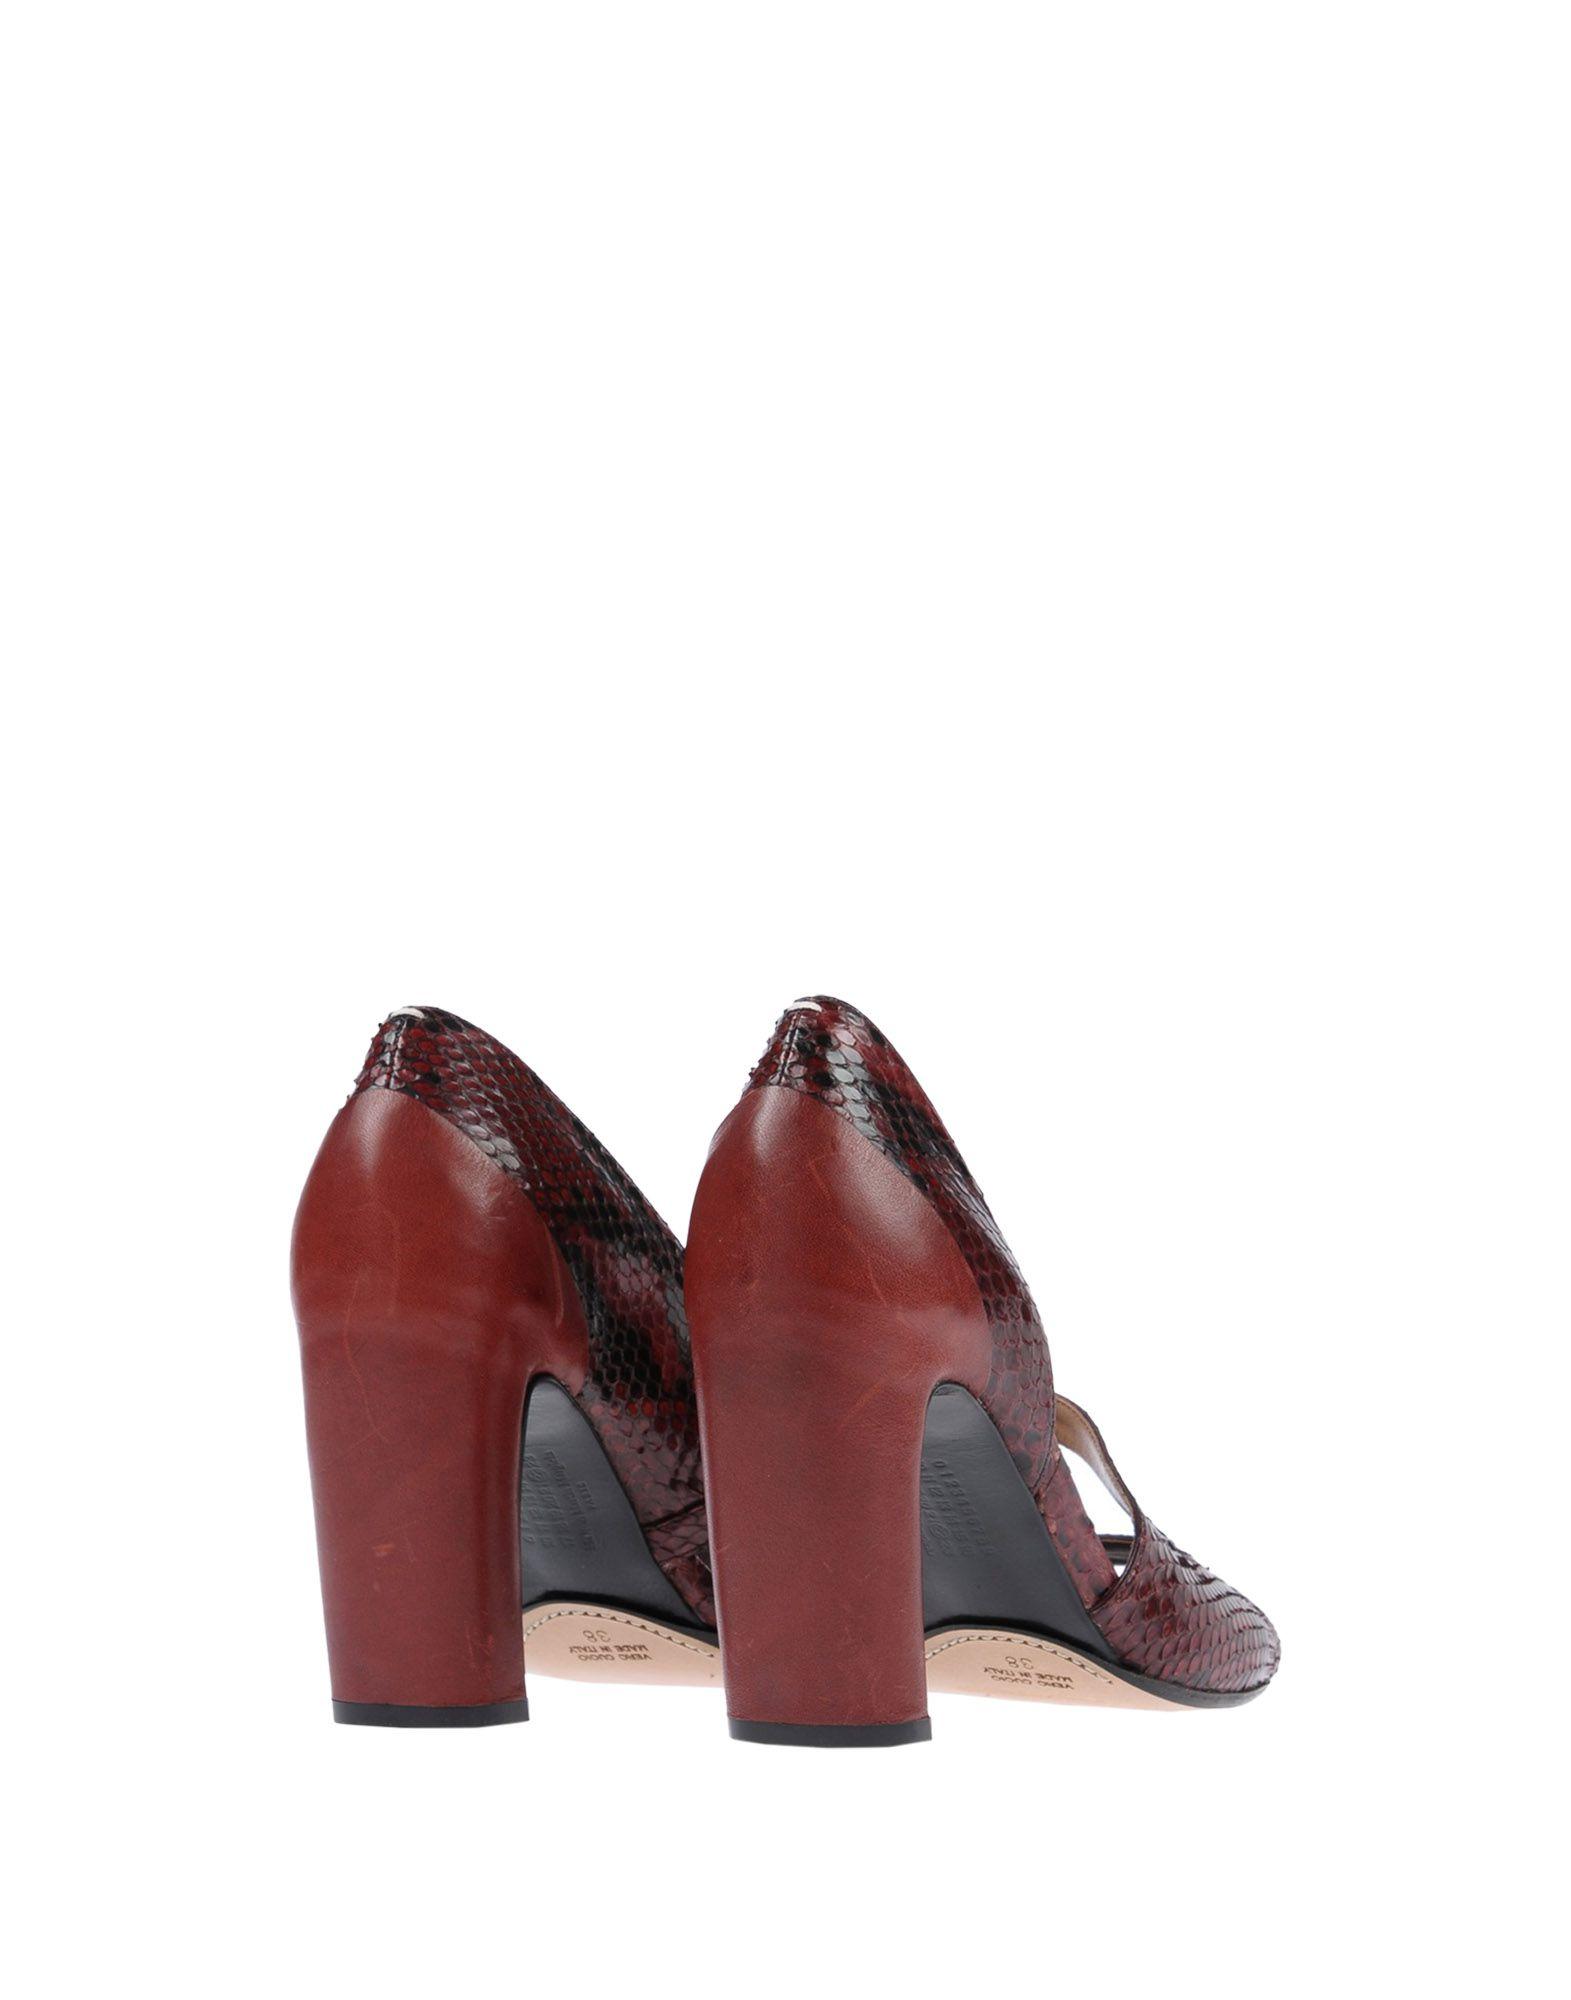 Maison Damen Margiela Sandalen Damen Maison  11155663BW Neue Schuhe 0fa472